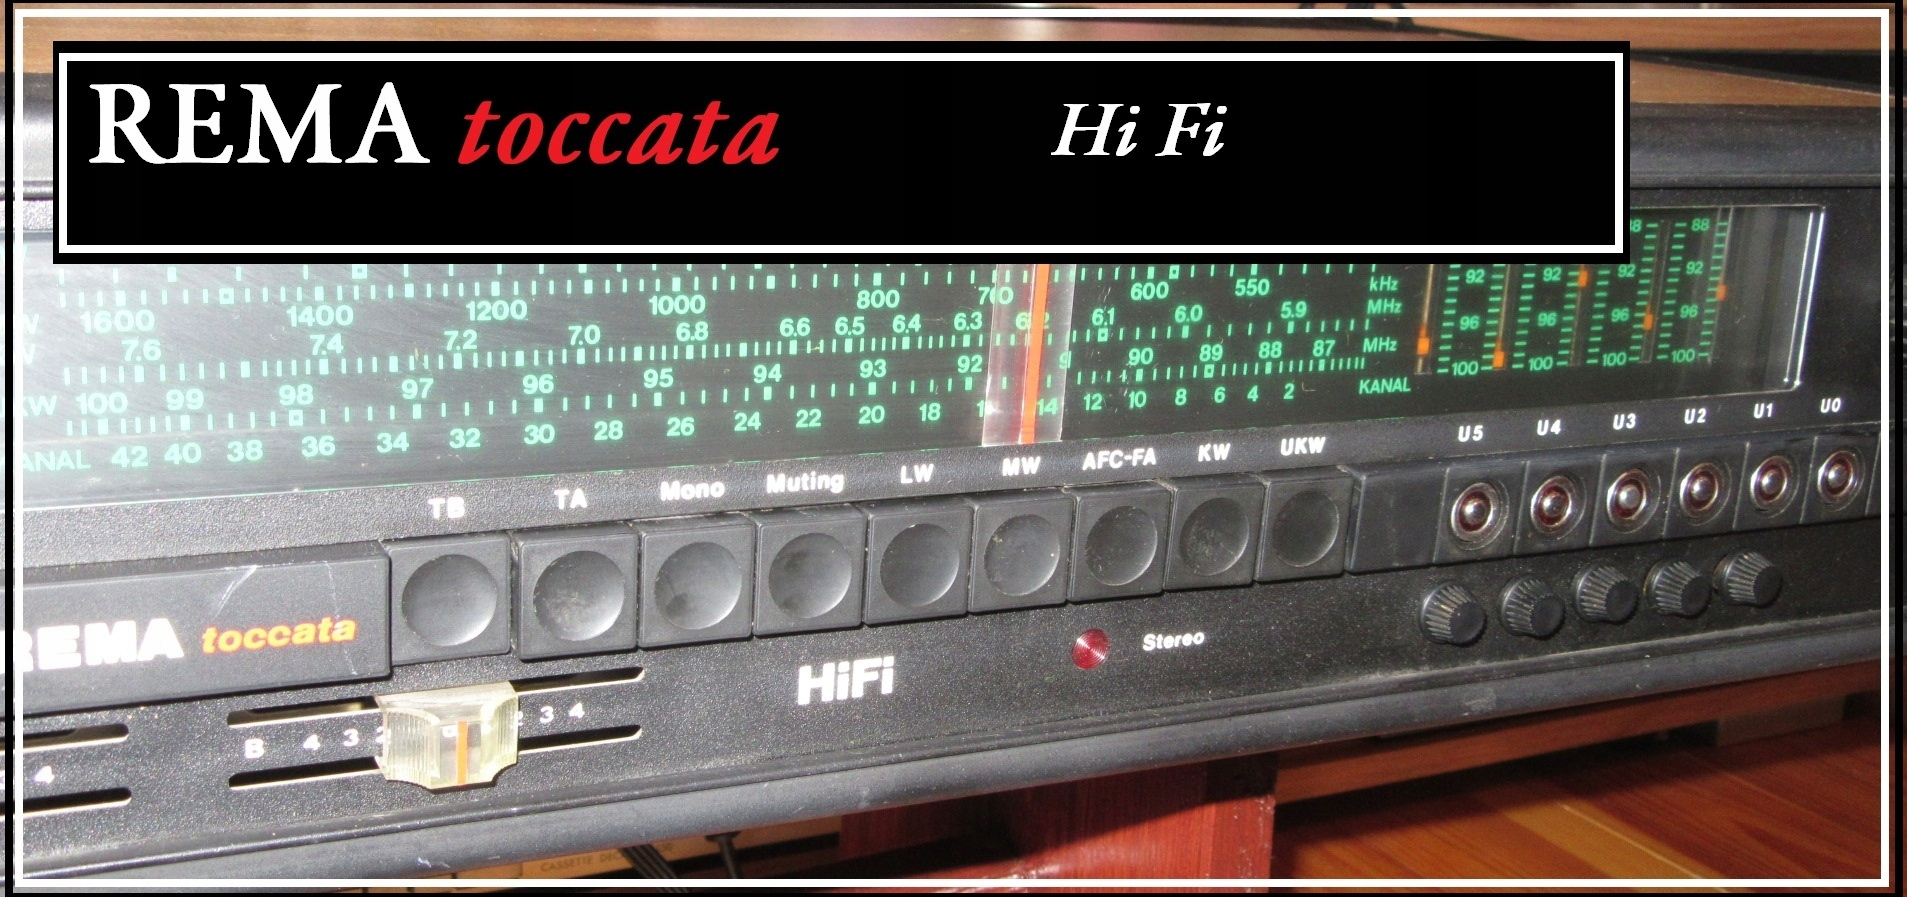 Amplituner RFT REMA Toccata 940 Hi Fi